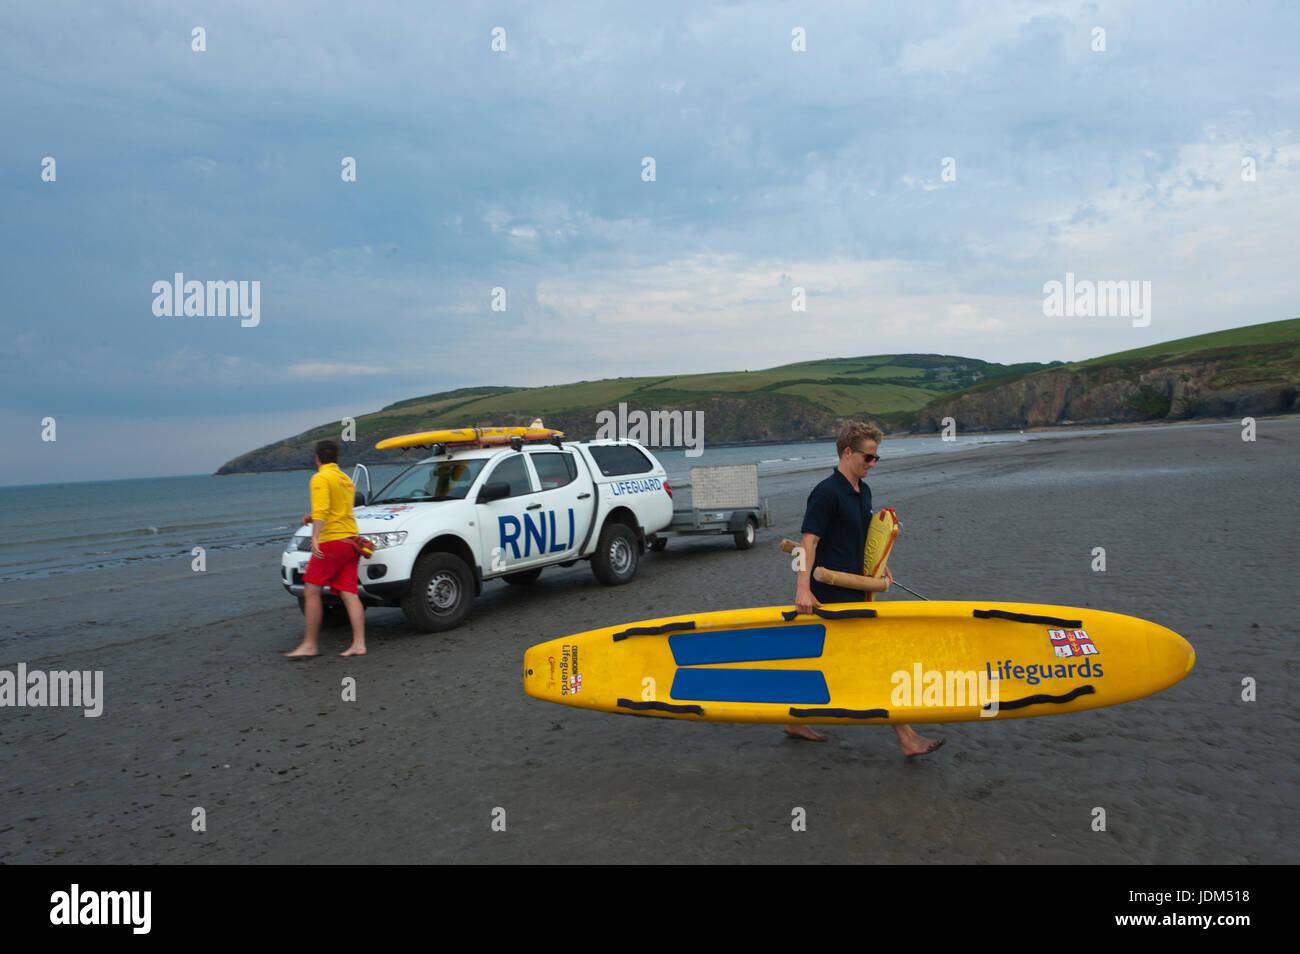 3edf4b25653e British Beach Lifeguards Stock Photos   British Beach Lifeguards ...